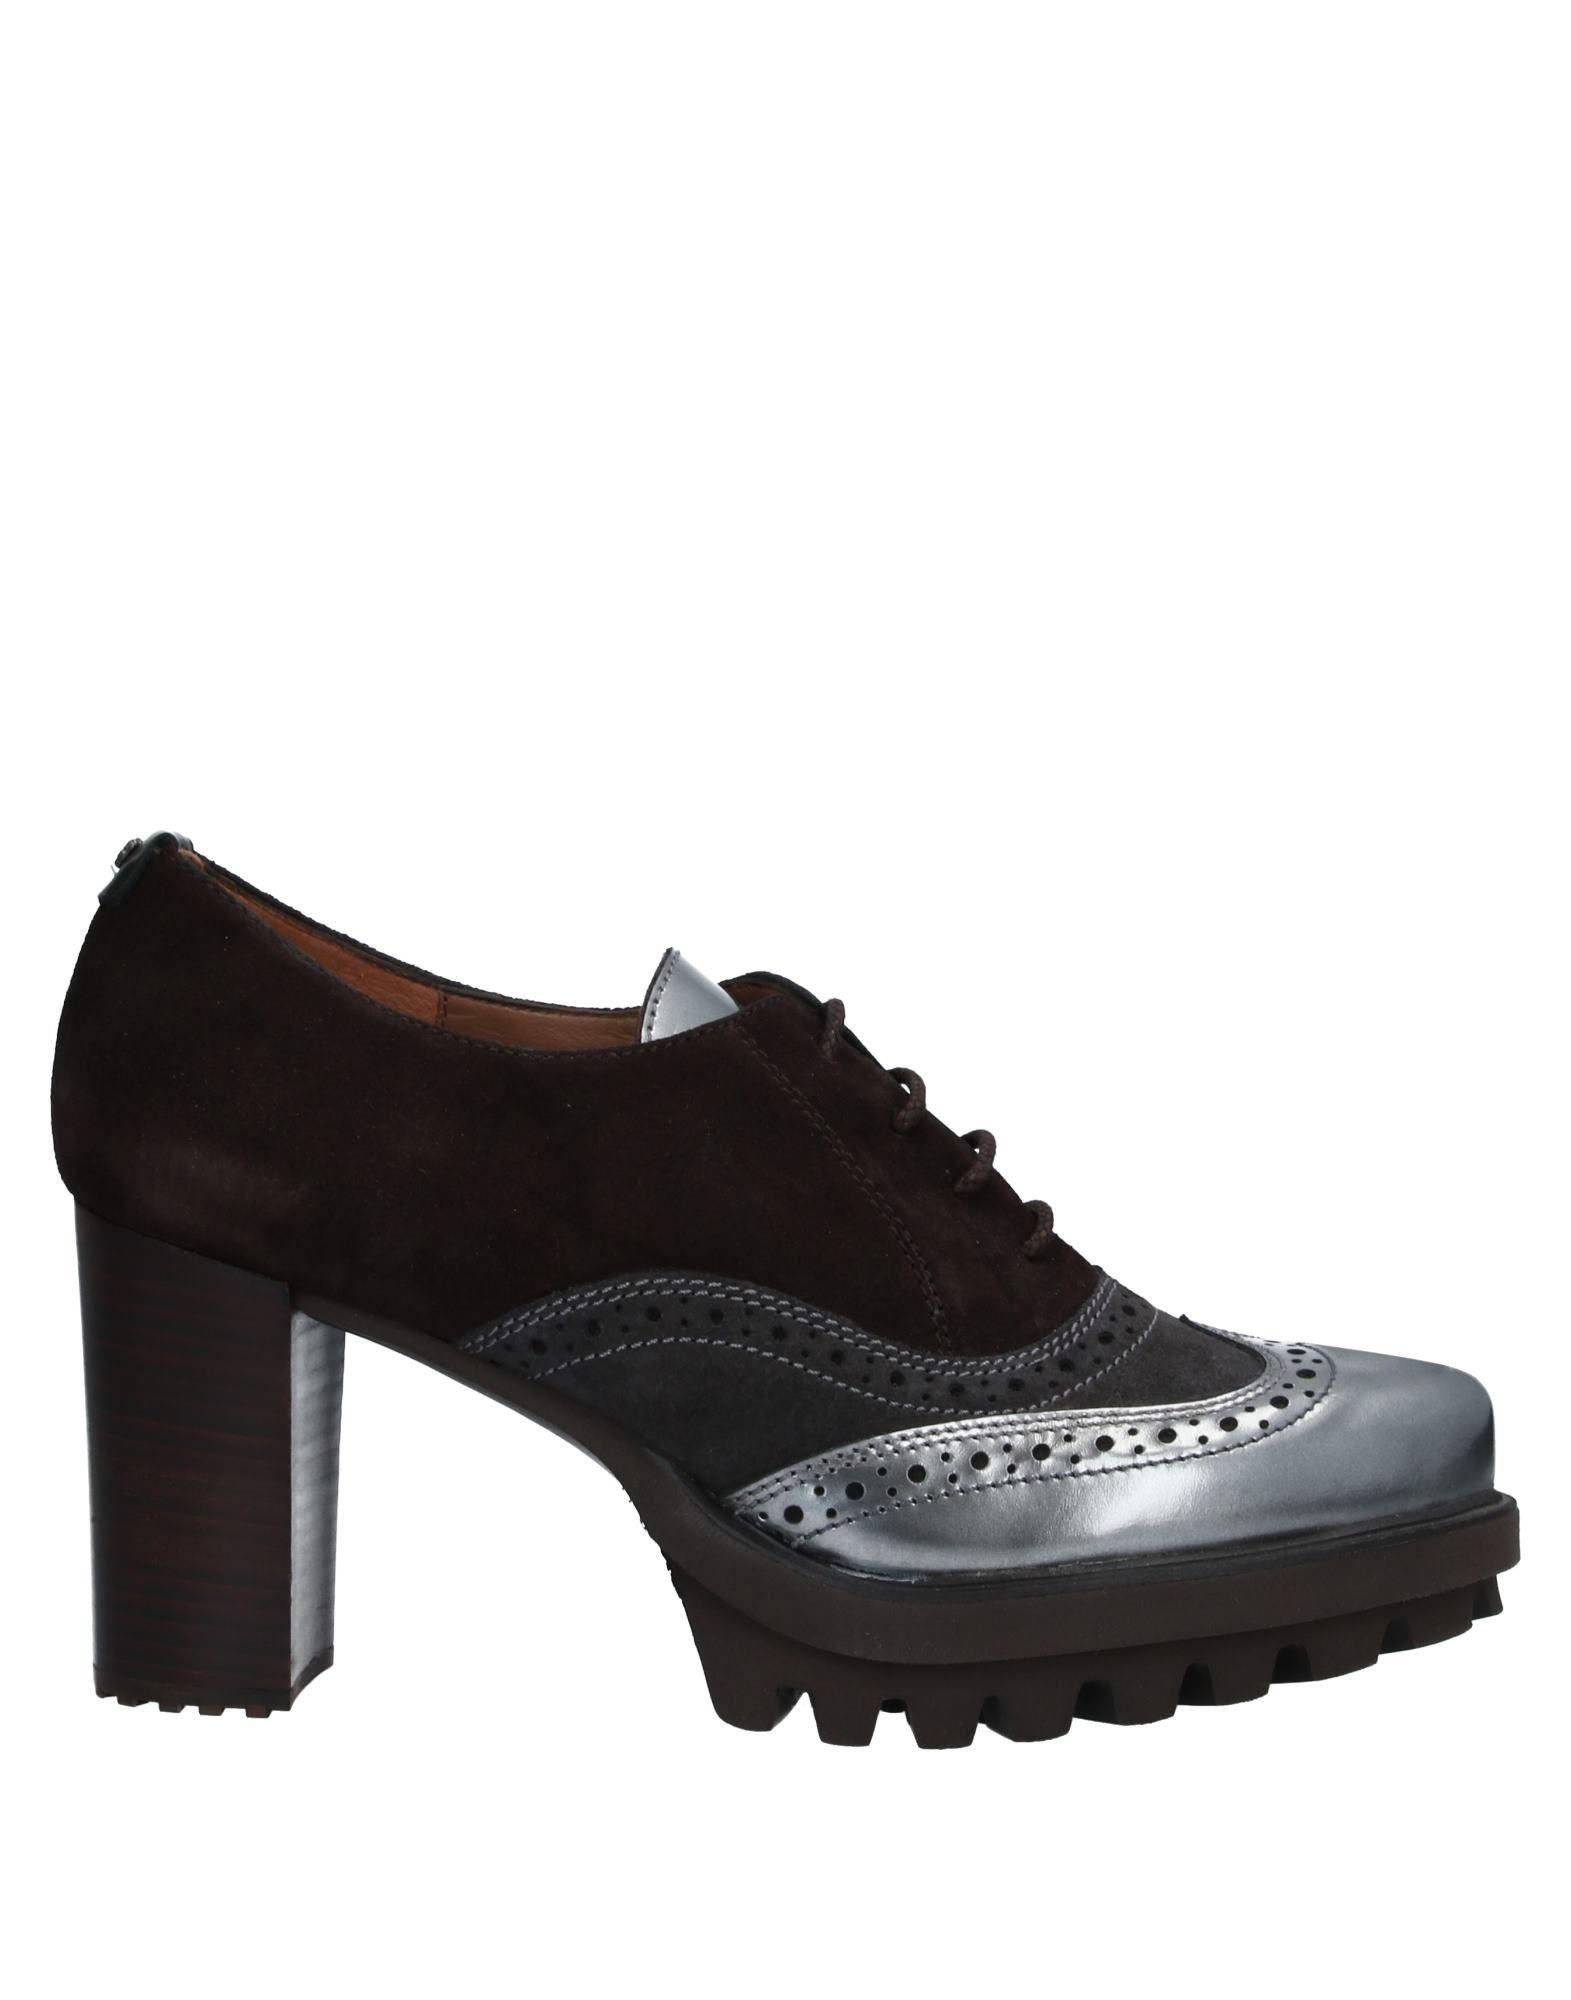 Фото - PEDRO MIRALLES Обувь на шнурках pedro miralles обувь на шнурках